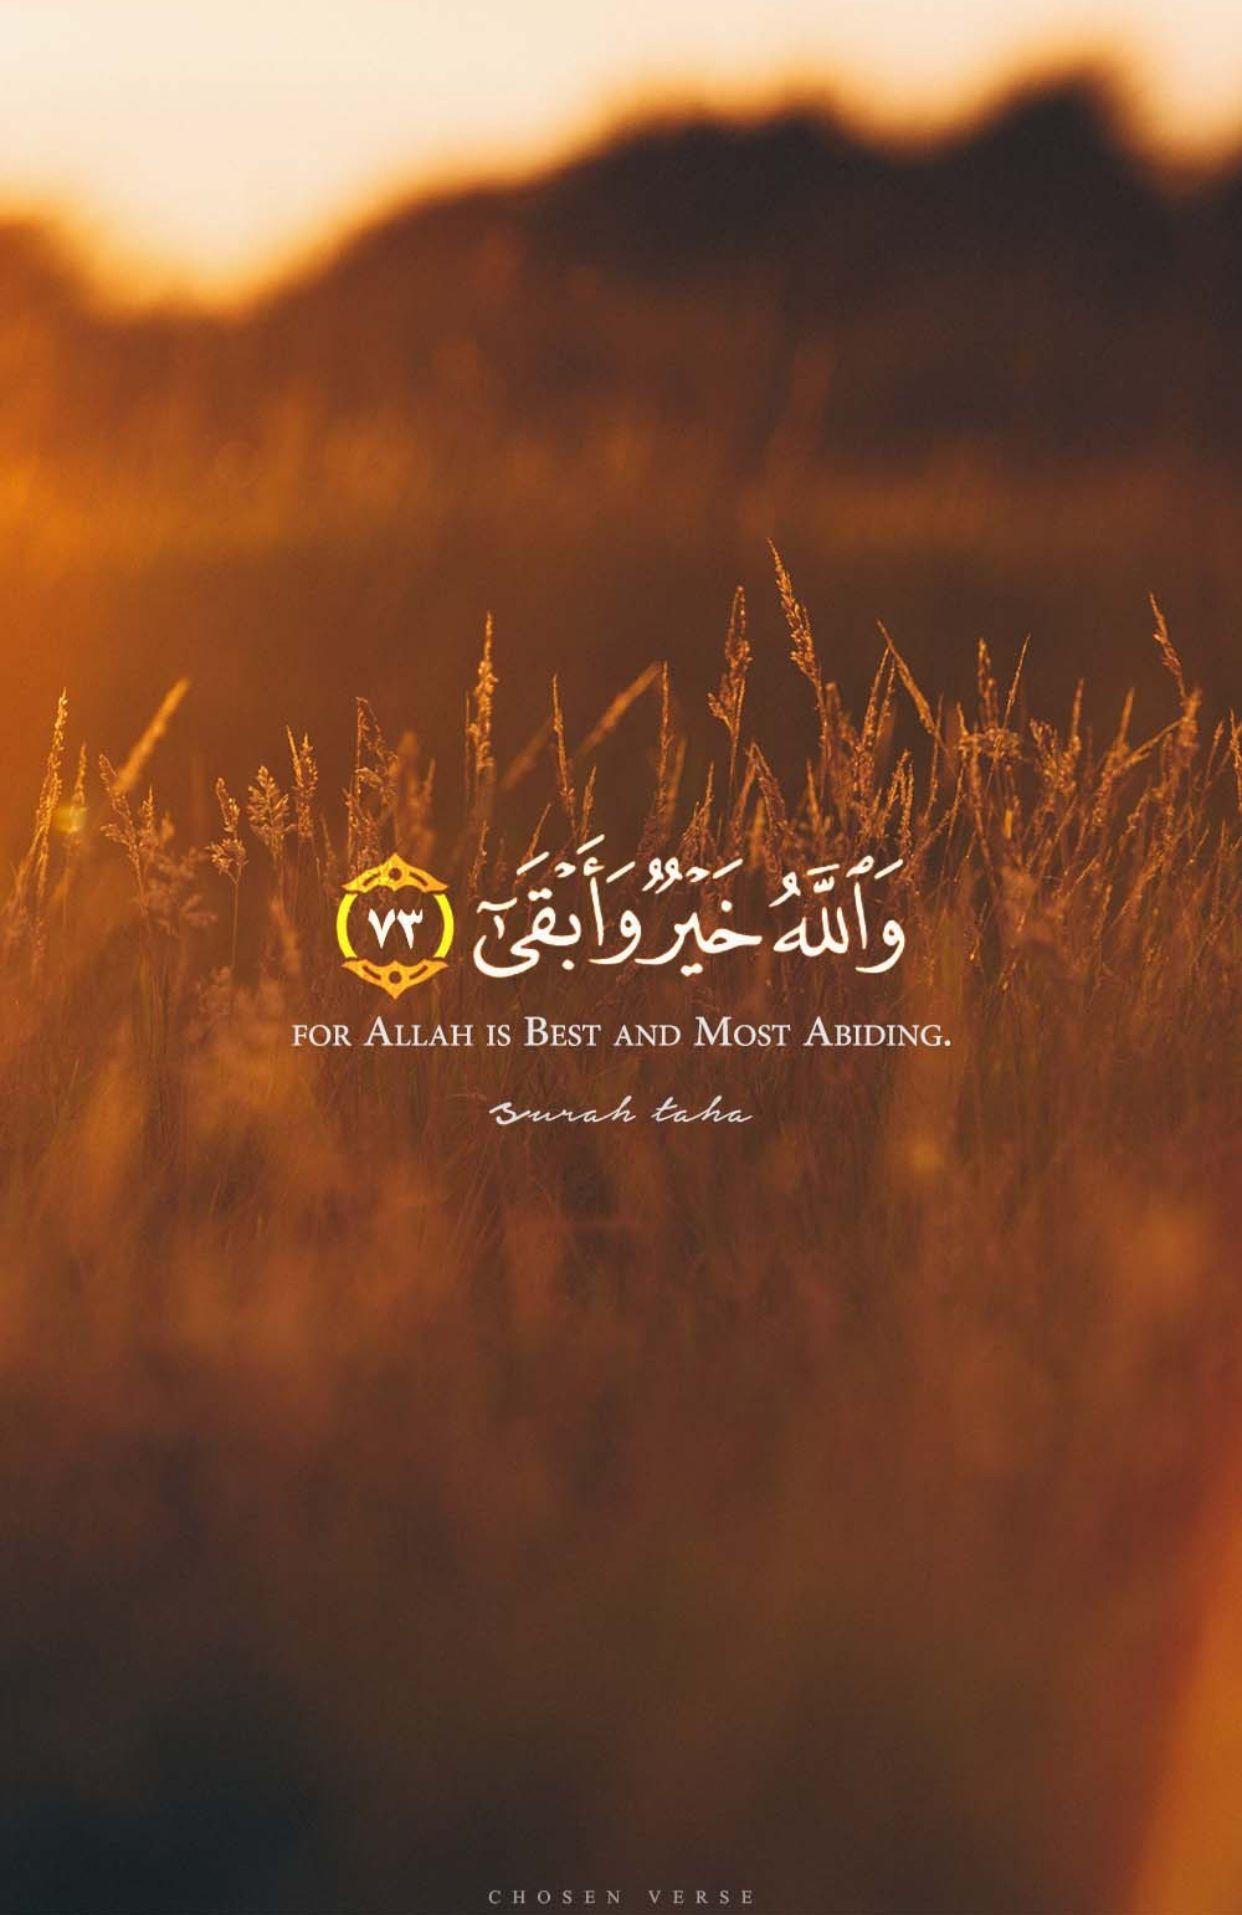 Surah Taha  Quran quotes love, Quran quotes inspirational, Quran